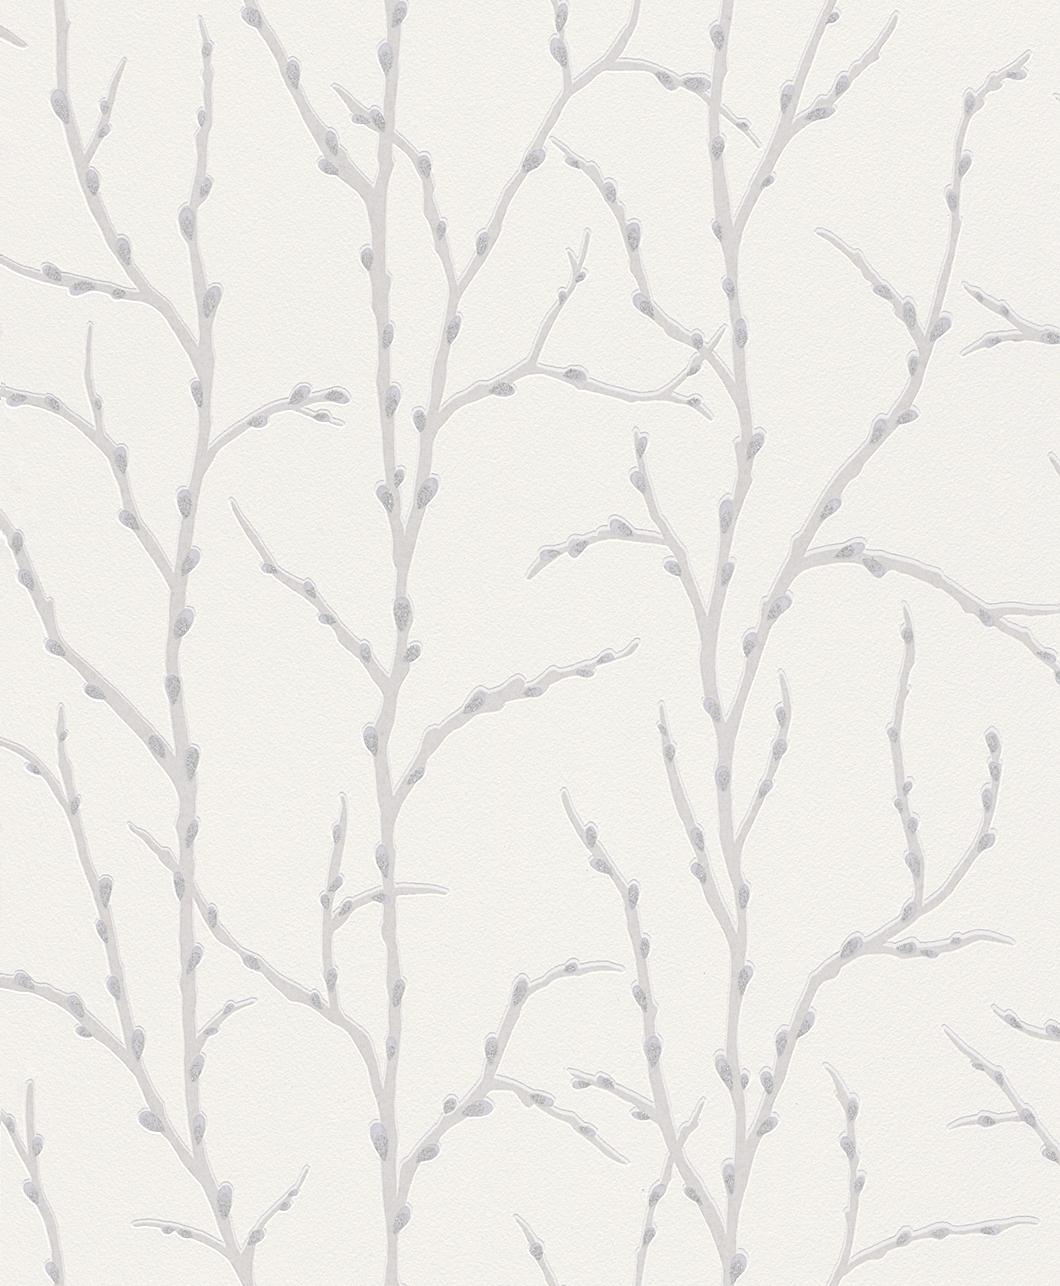 Tapeta na zeď Rasch Shiny Chic 309713 | 0,53 x 10,05 m (Vinylová tapeta - bílá, stříbrná)